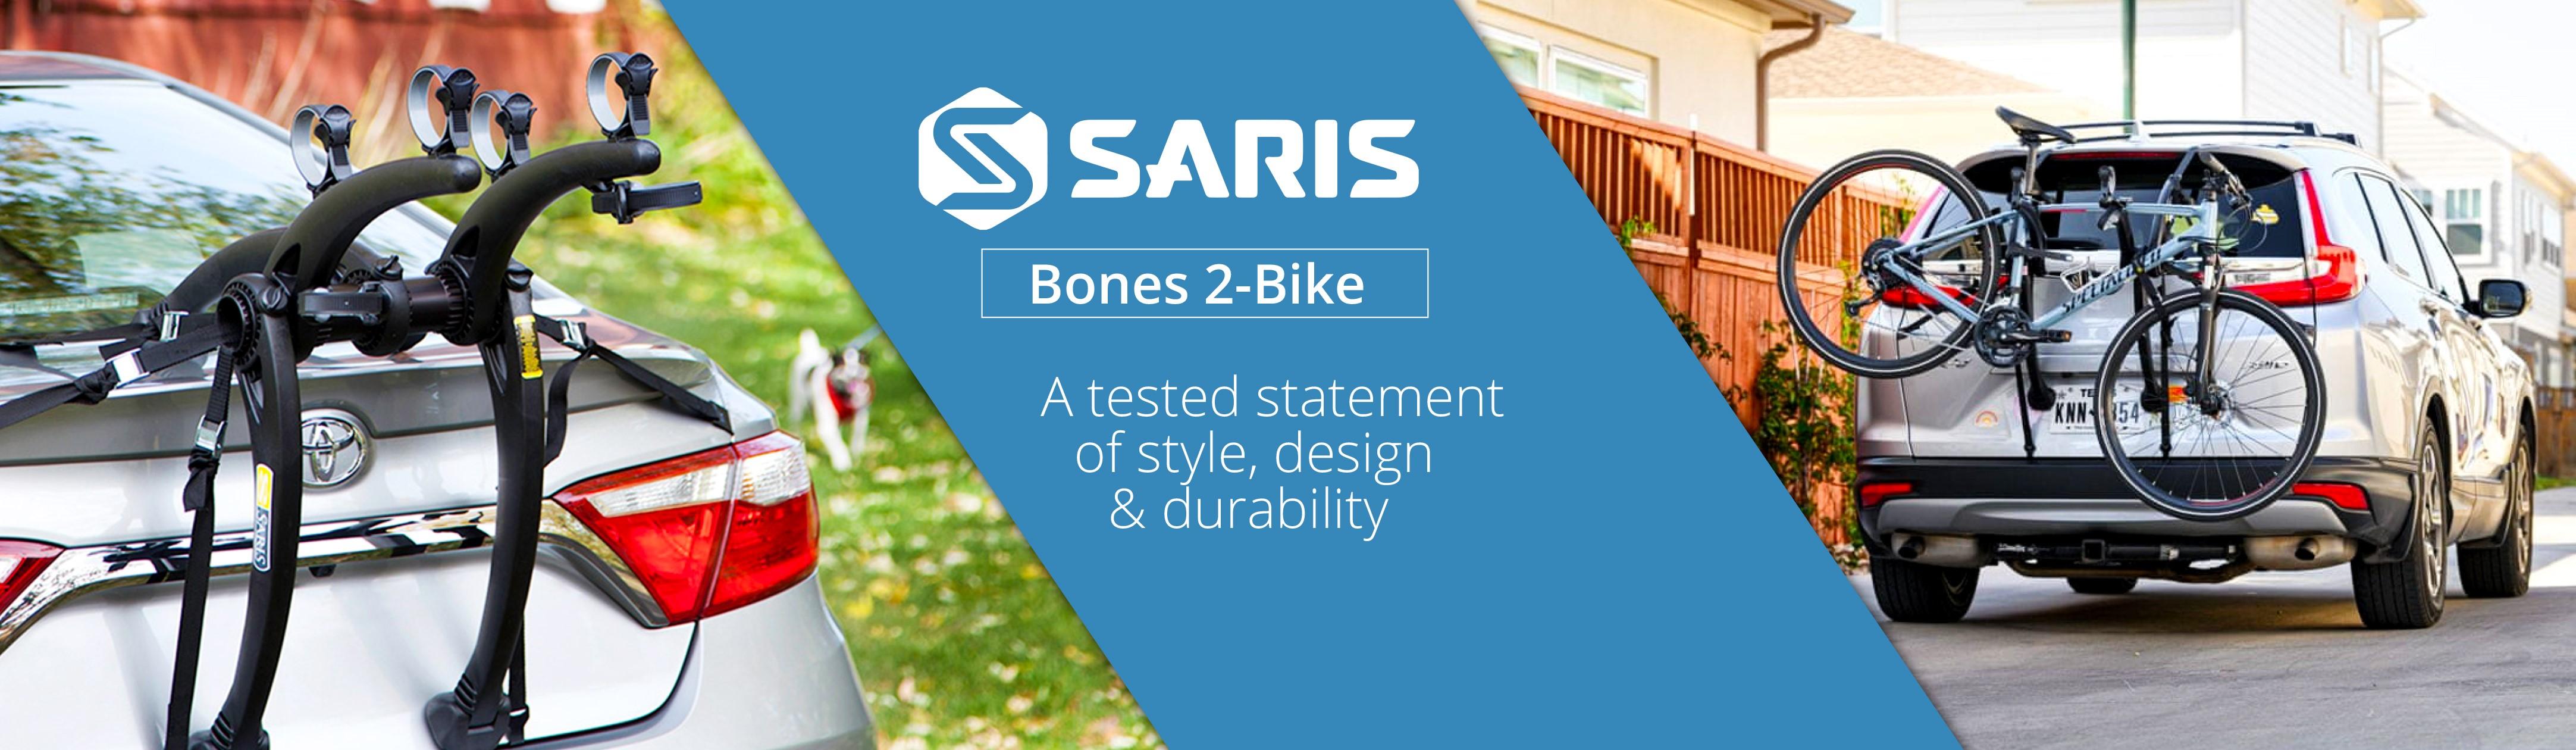 Saris Bones 2 Bike Car Rack